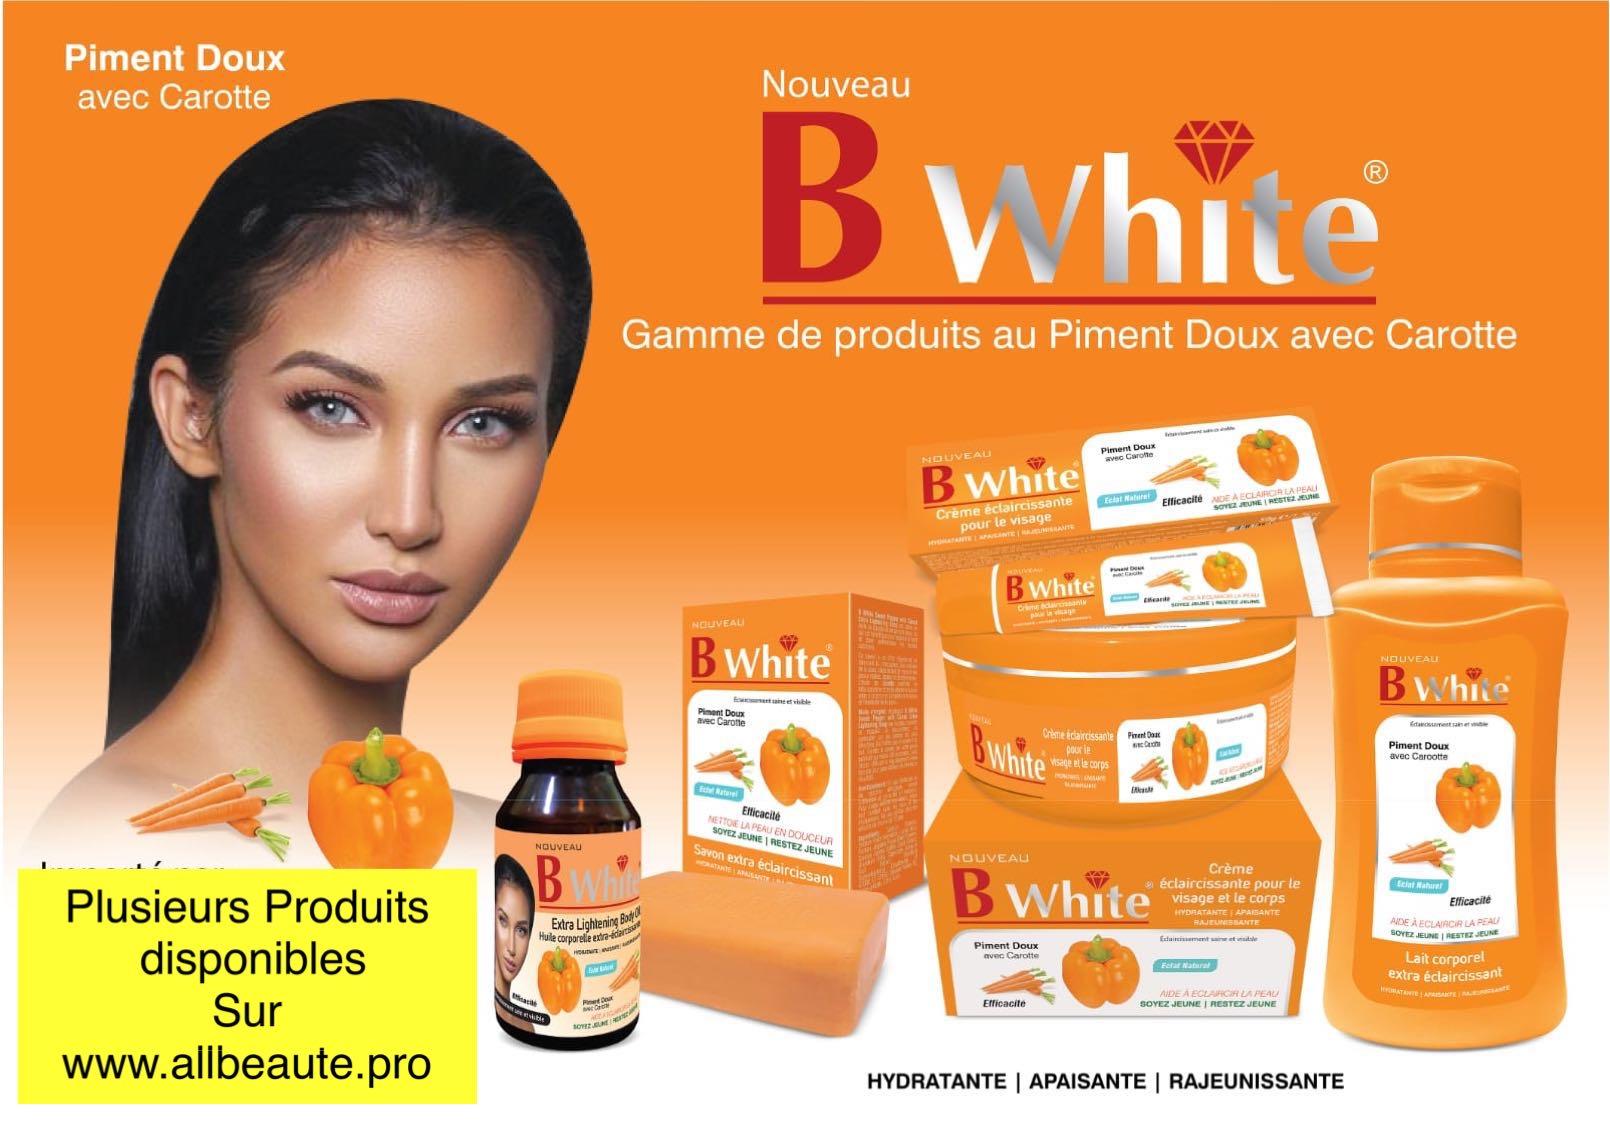 B White Piement Doux